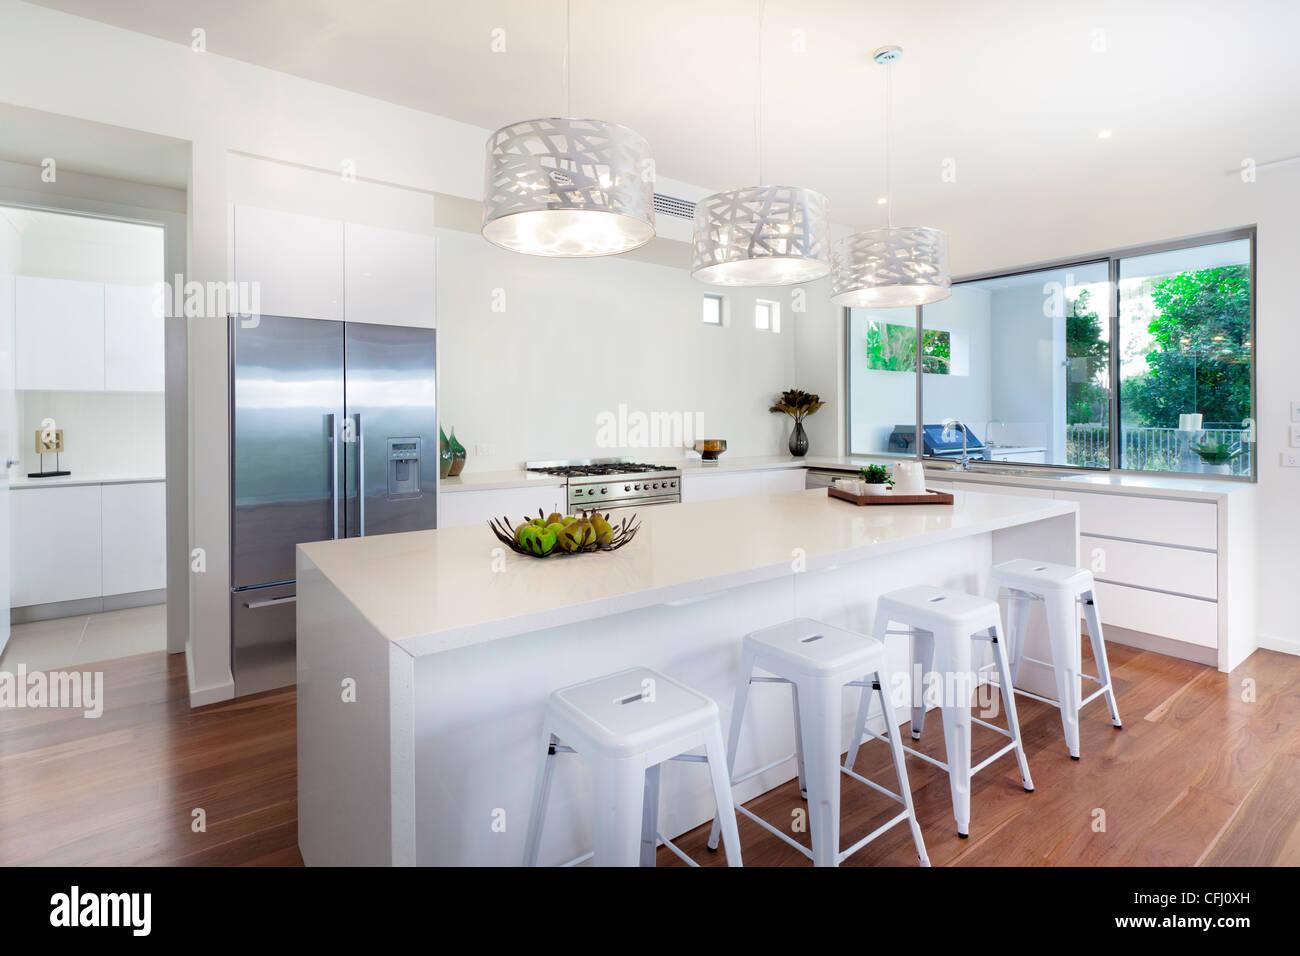 Stylish open plan kitchen overlooking the backyard Stock Photo ...